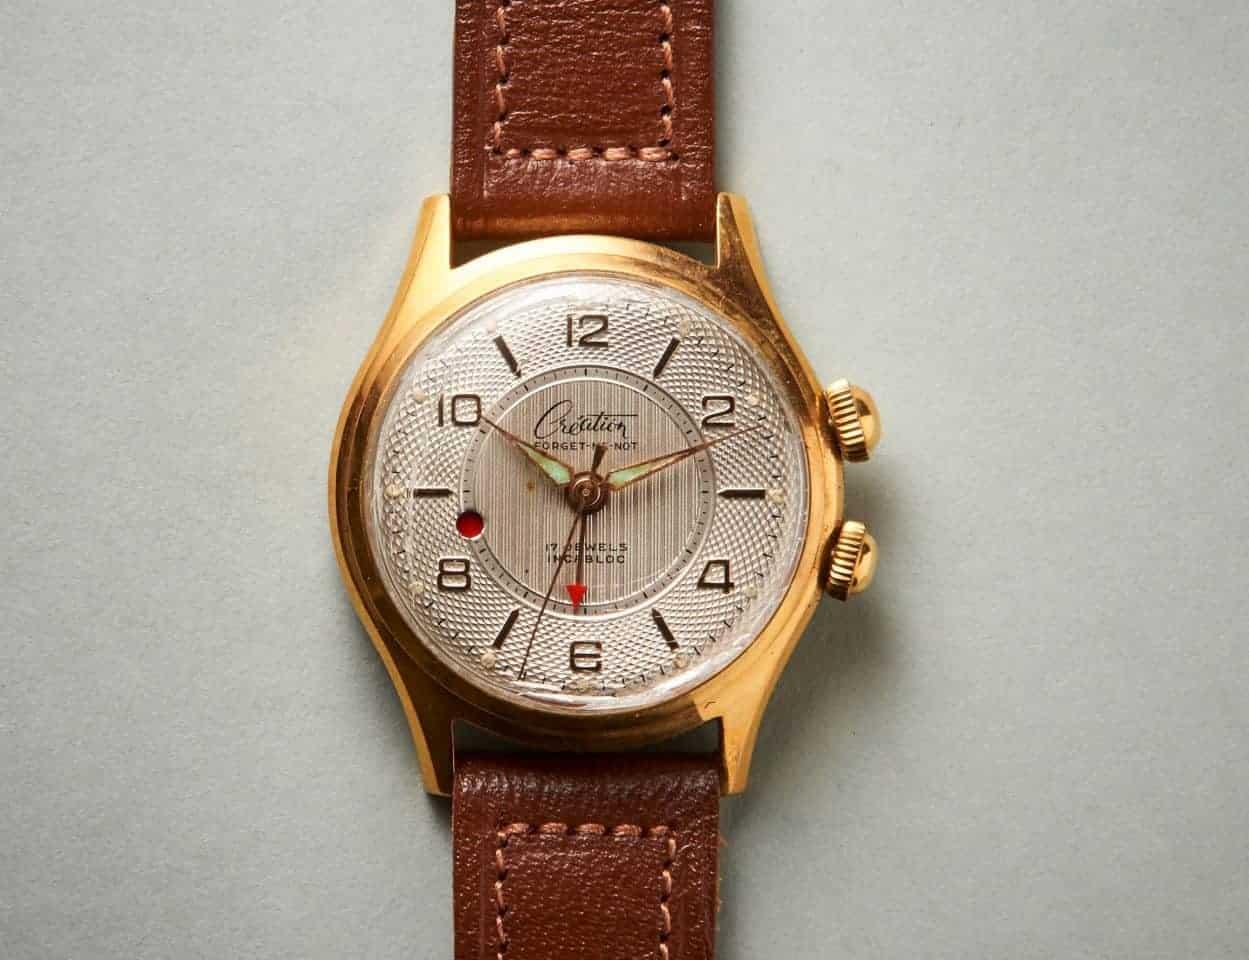 Diese Sammler-Armbanduhr von Création wird auch mal laut